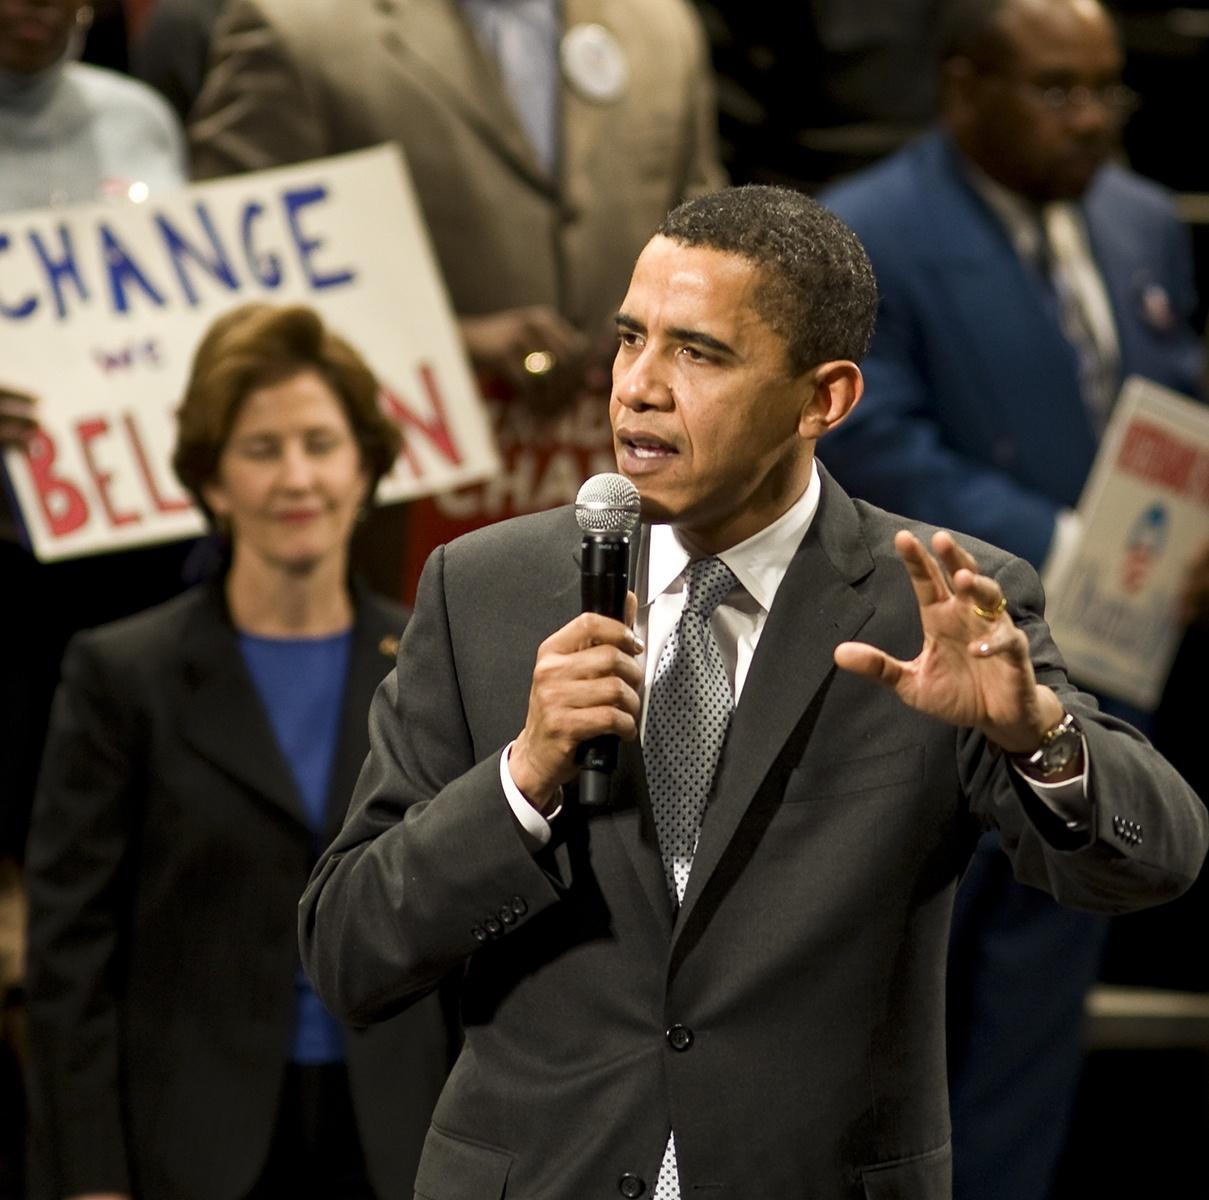 Then Senator Barack Obama